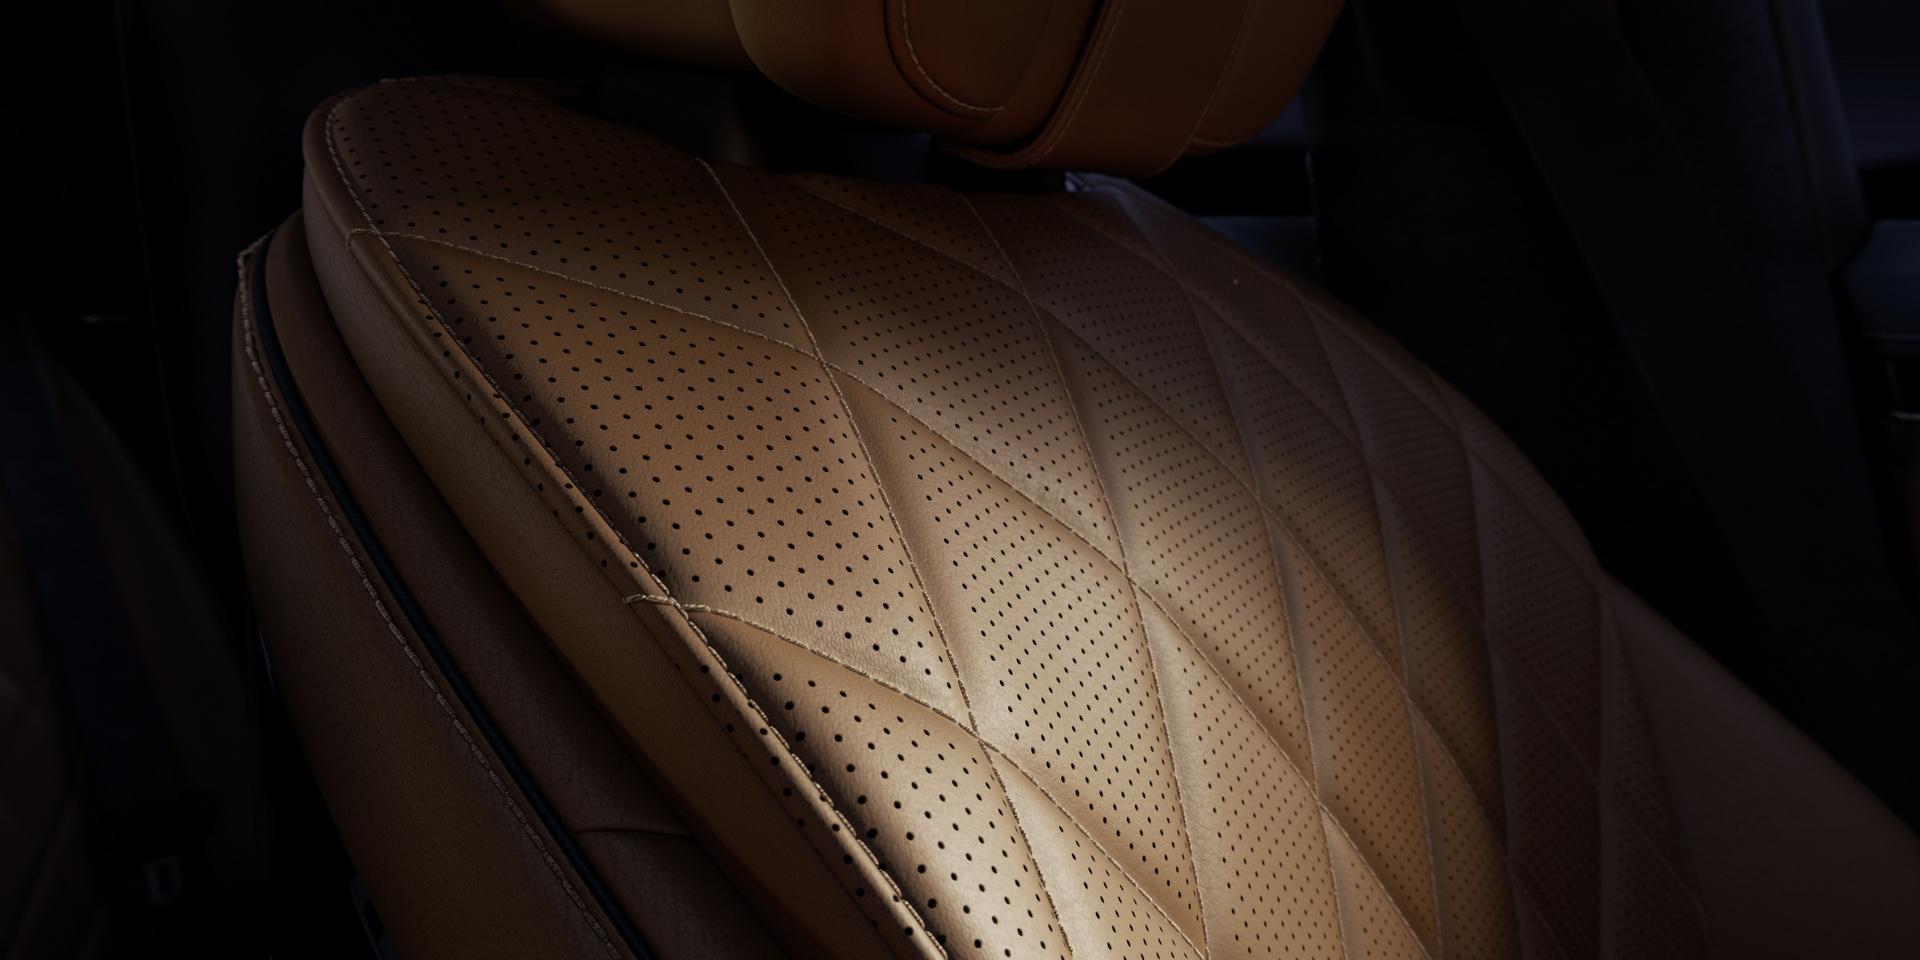 2021-mercedes-s-class-interior-8.jpg